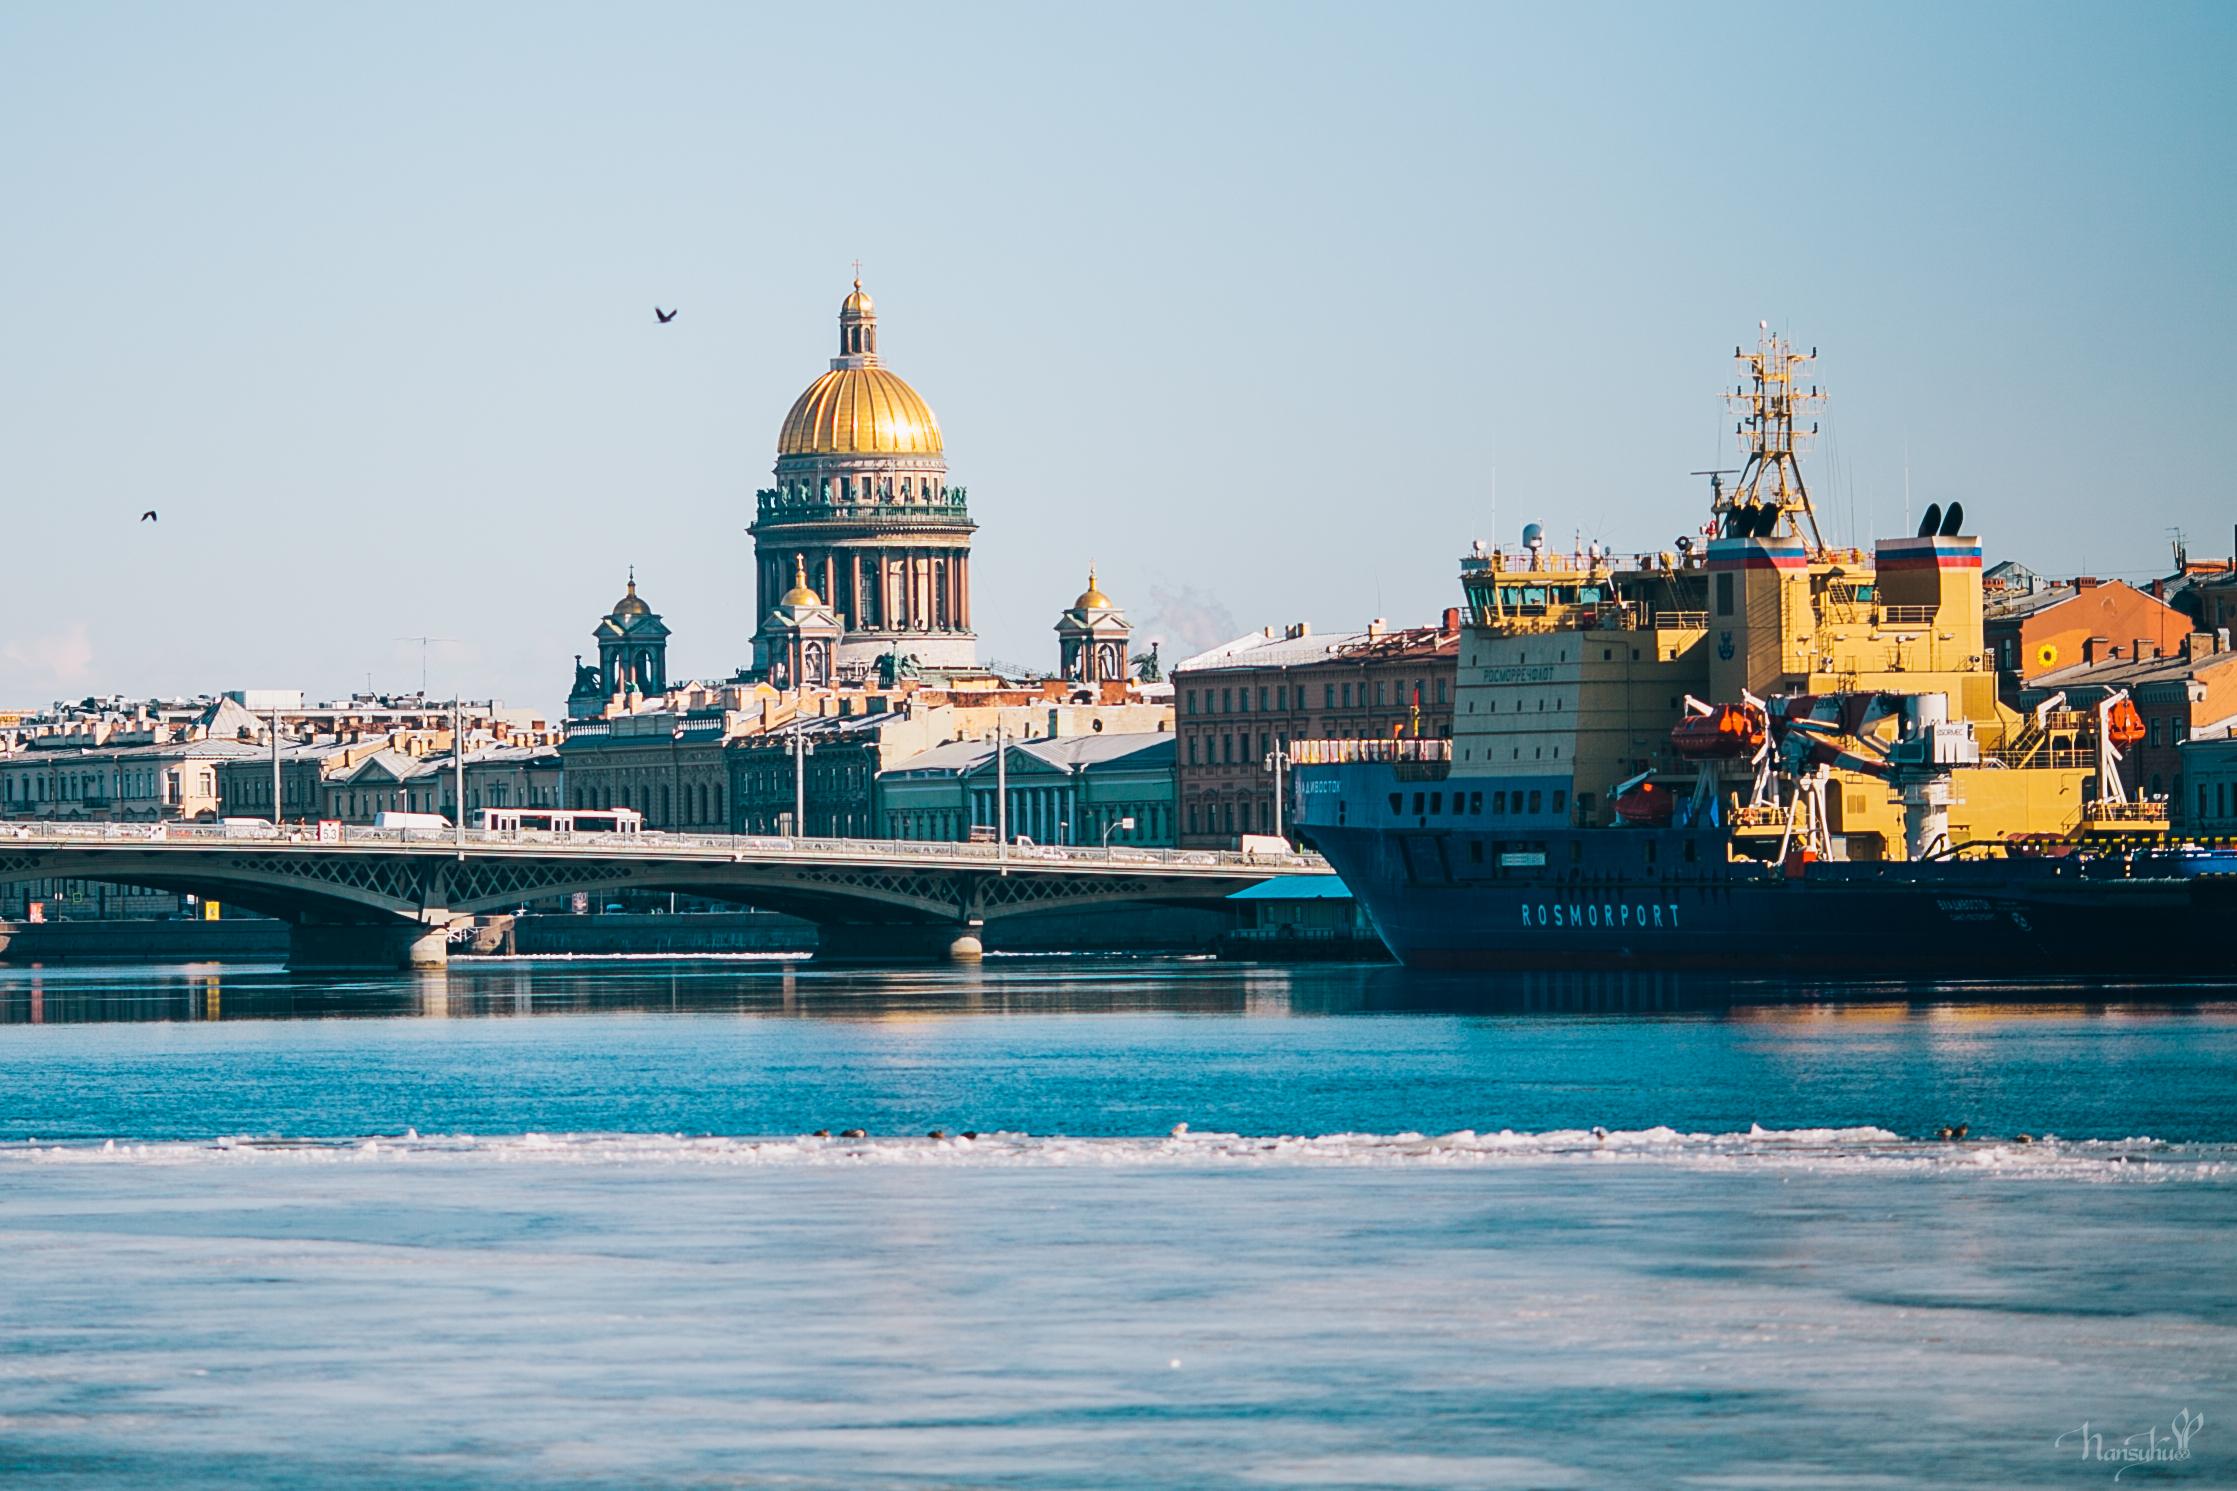 солнечный_день_в_Санкт-Петербурге